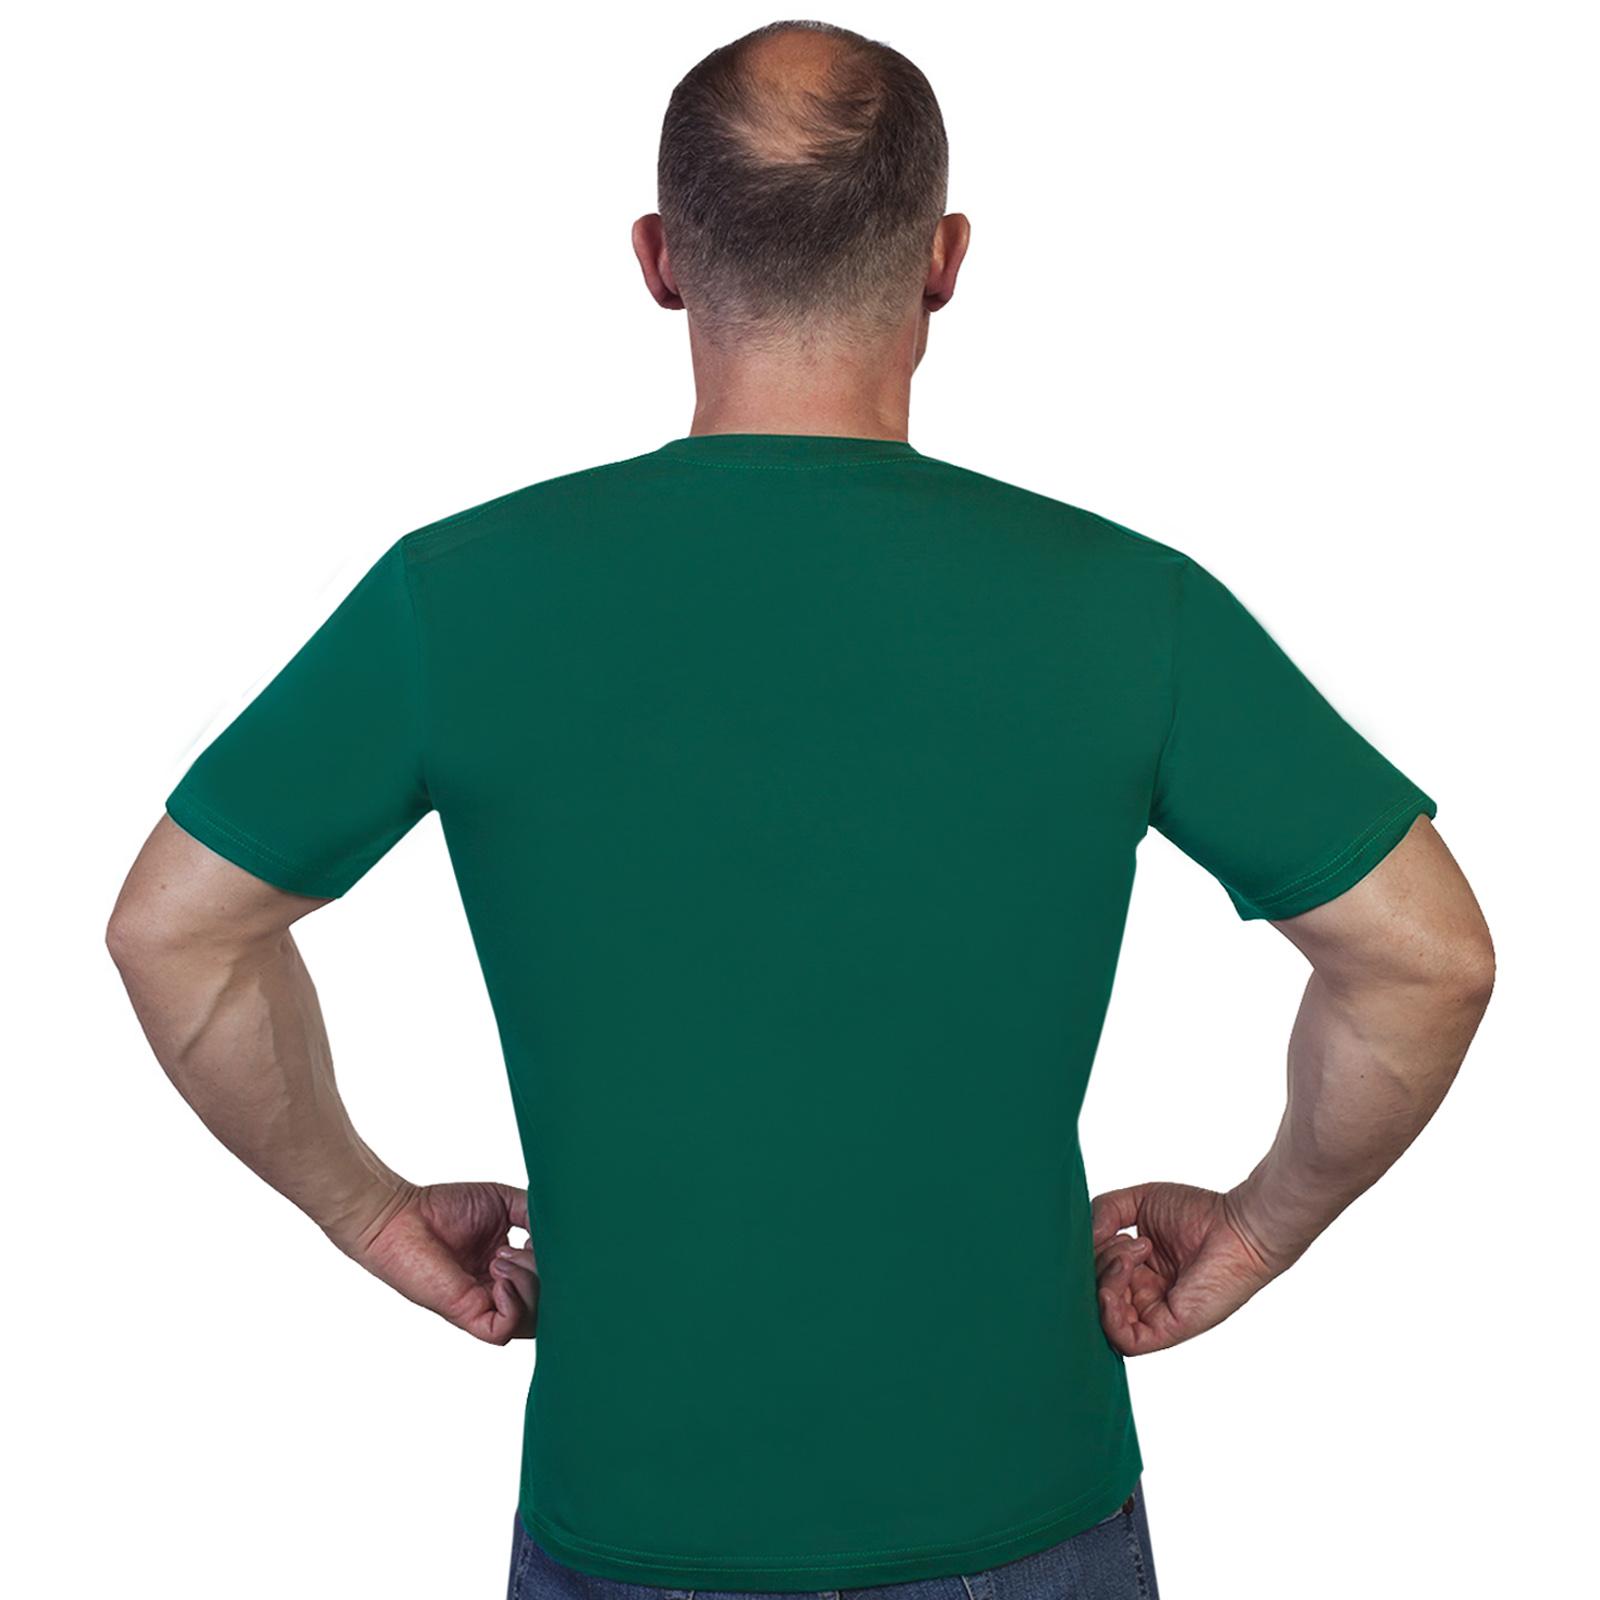 """Футболка зеленого цвета с вышивкой """"Калининградская группа Погранвойск"""" - высокое качество"""